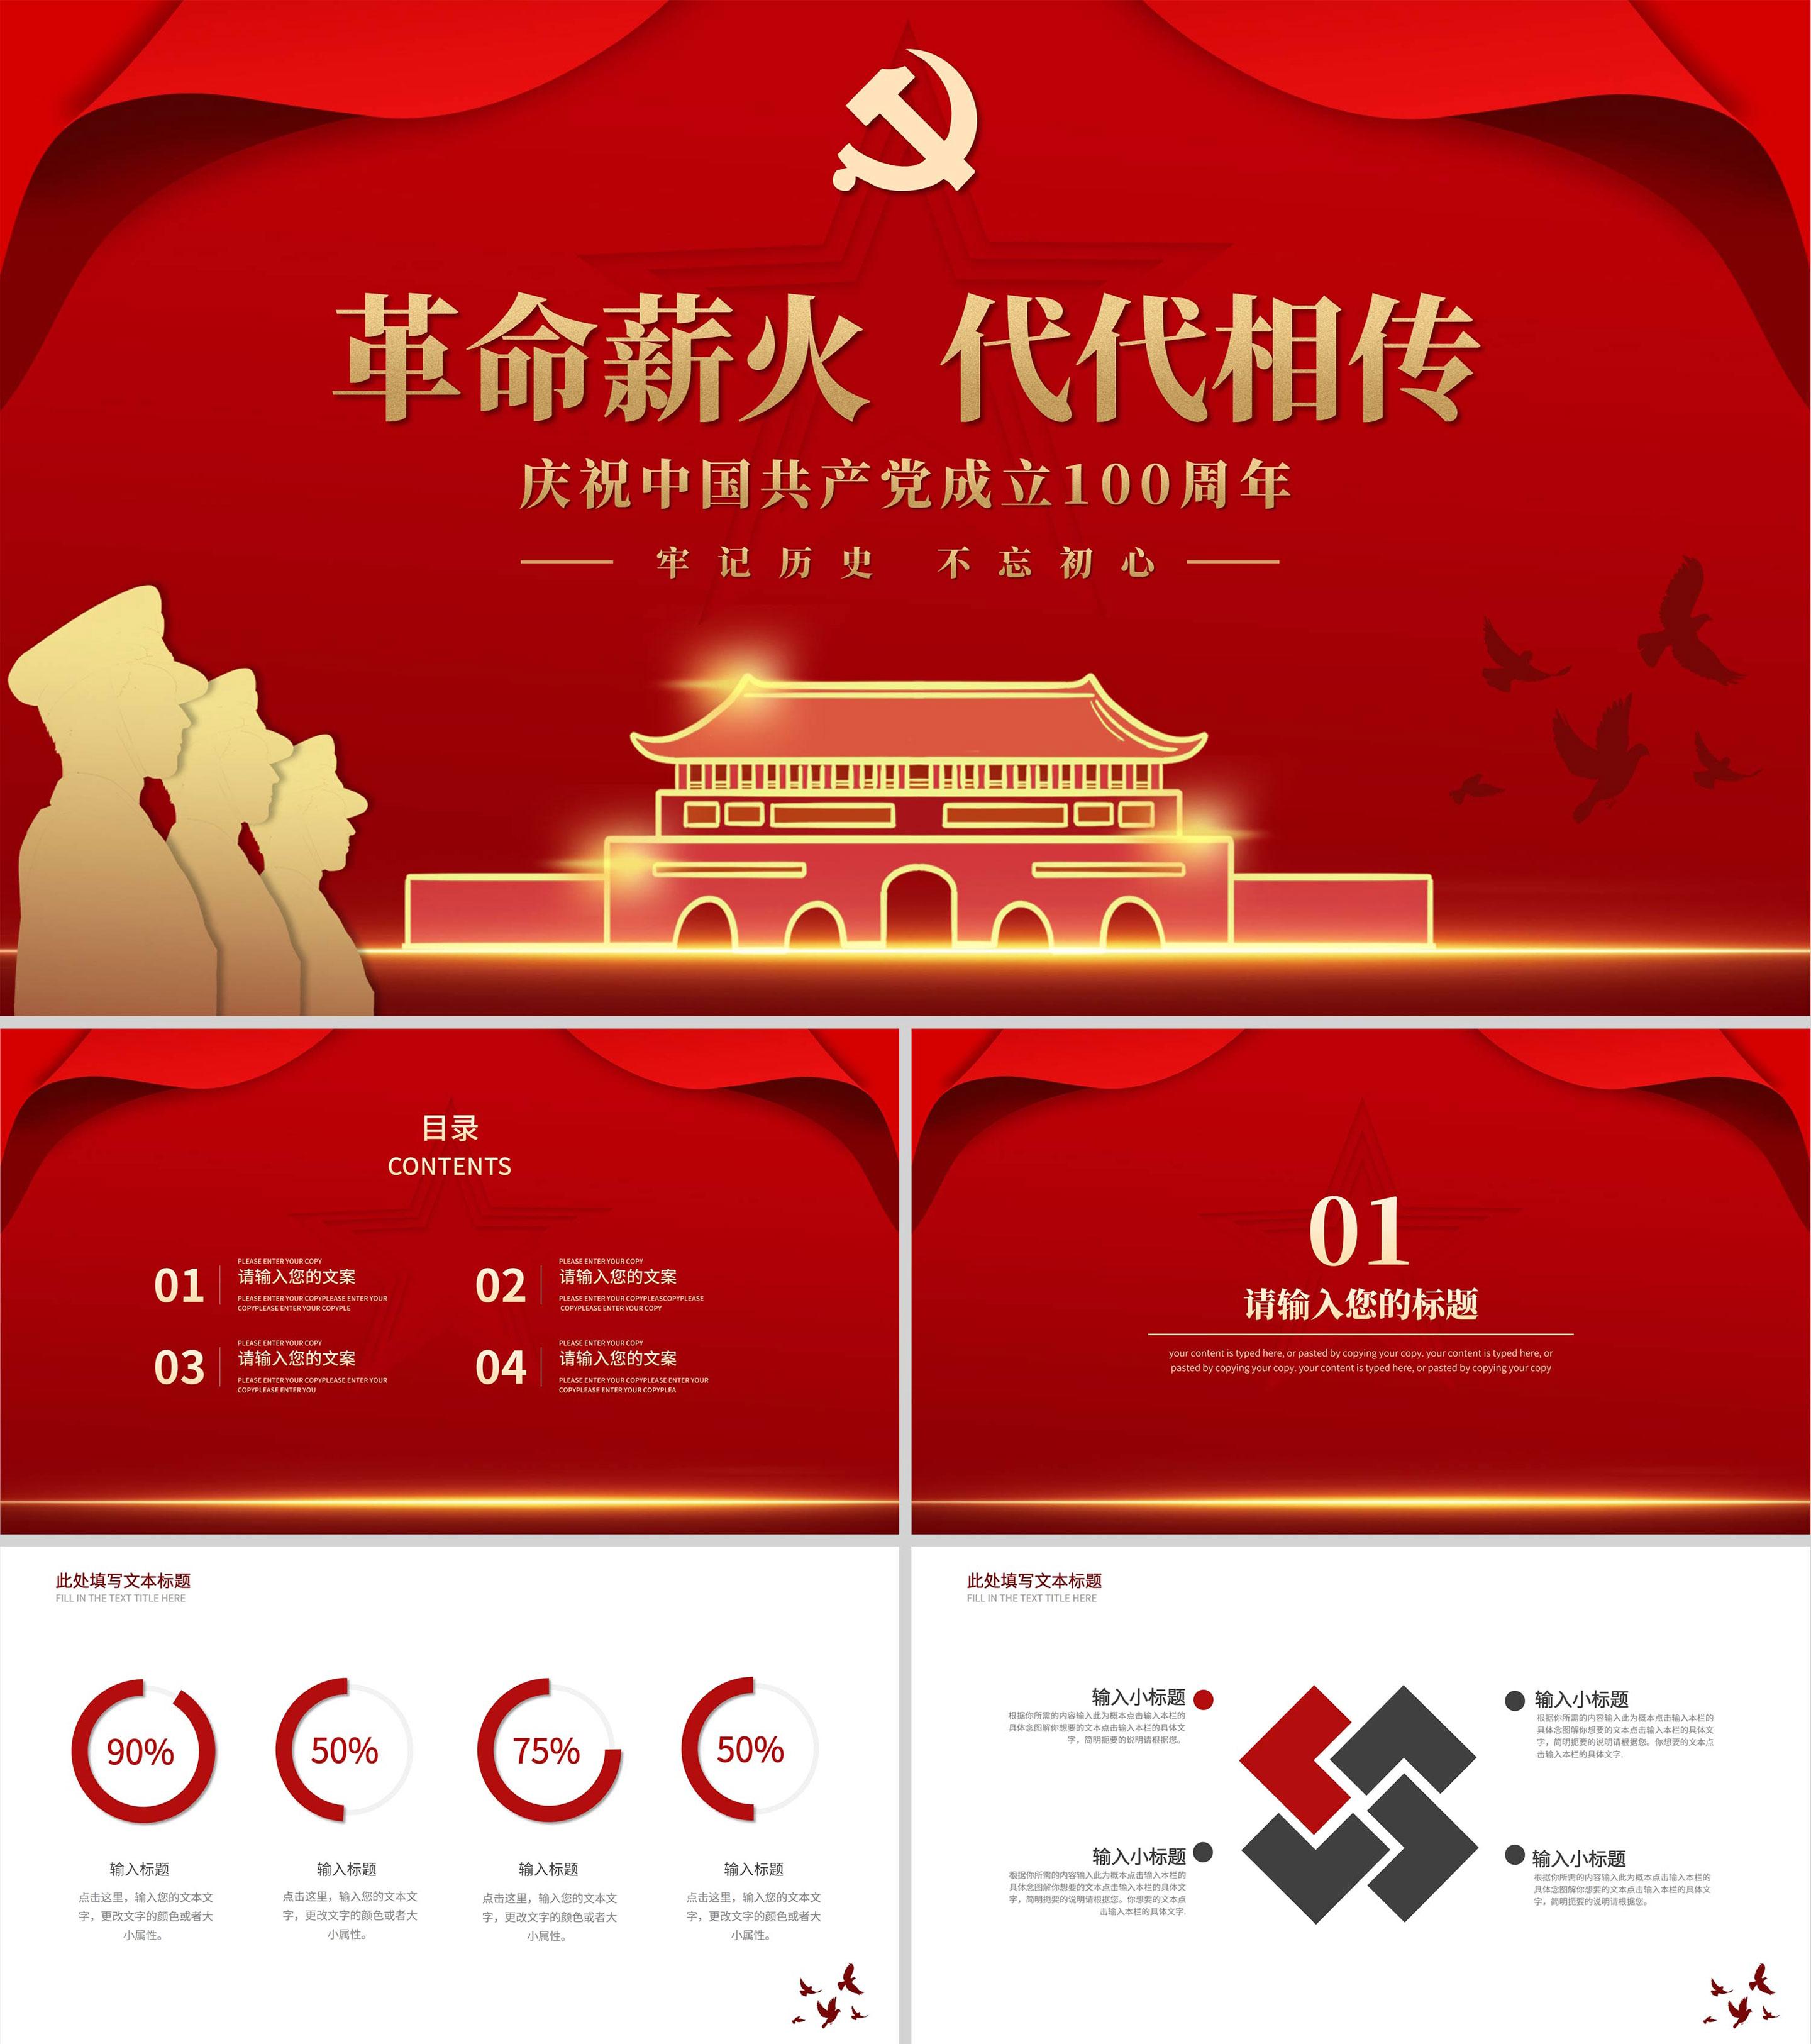 红色简约党政革命薪火PPT模板